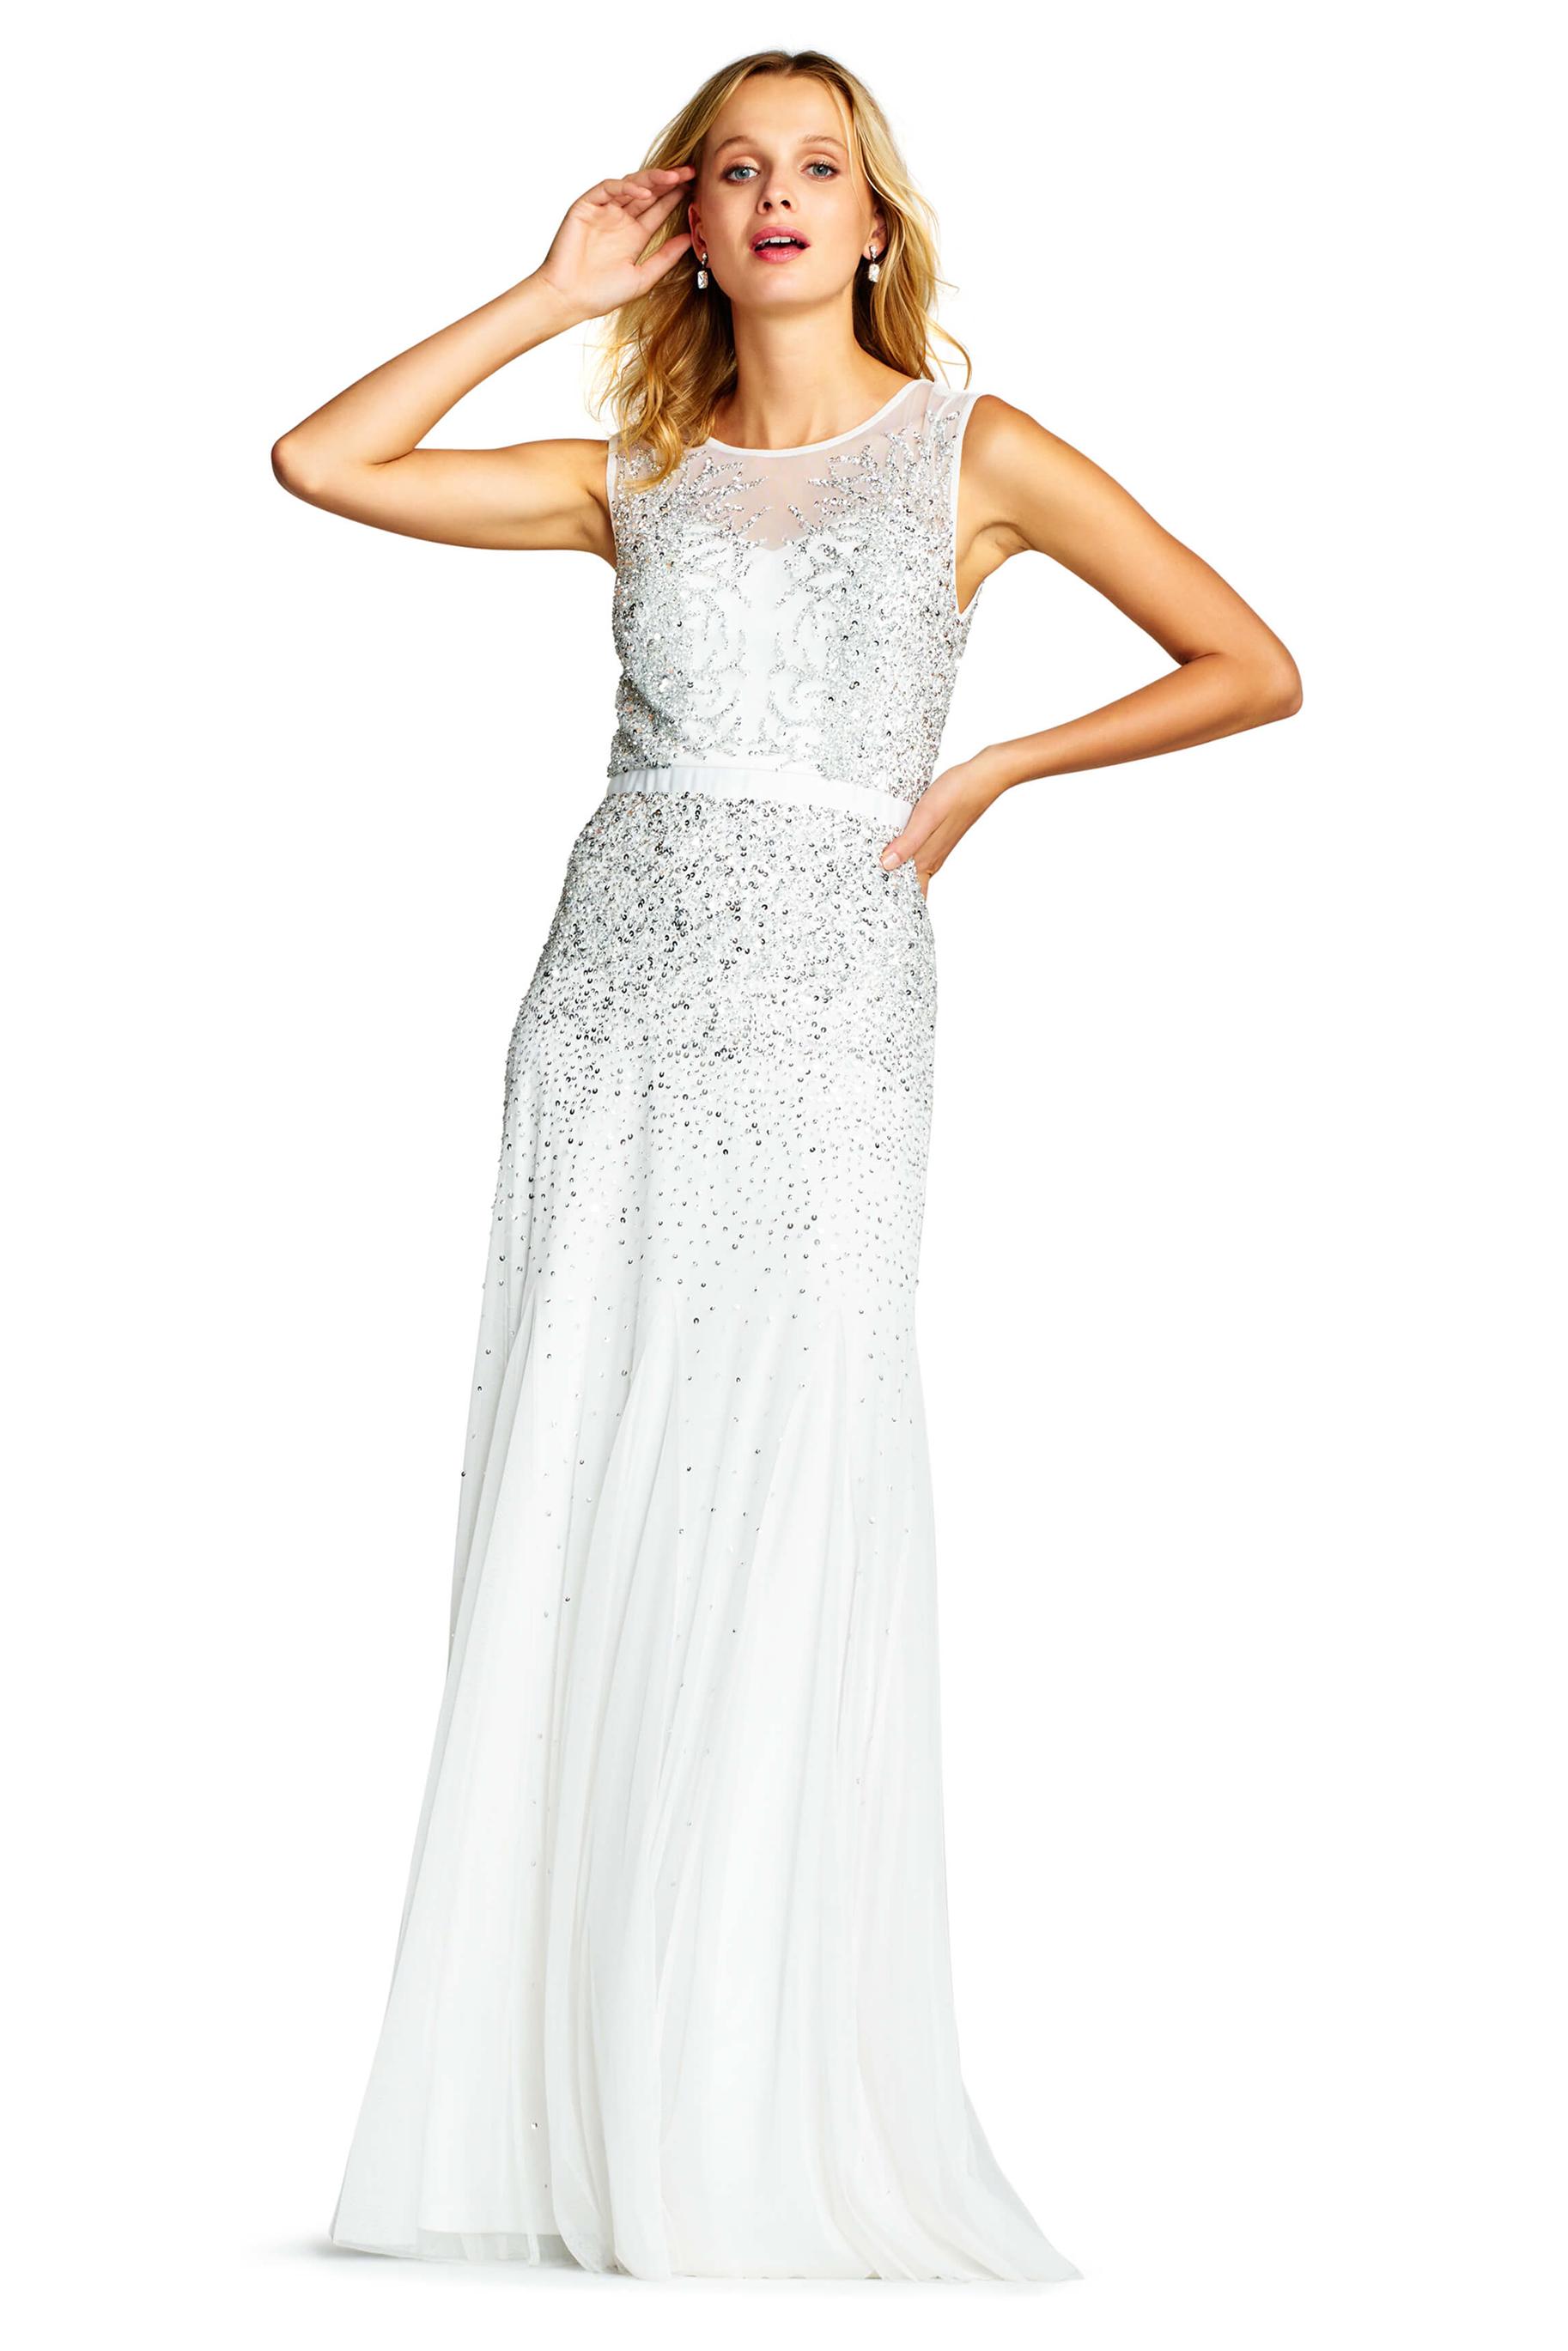 3bd7a03e13 091892370 Sukienka wieczorowa biała.  Adrianna Papell 09189237 sukienki balowe.png